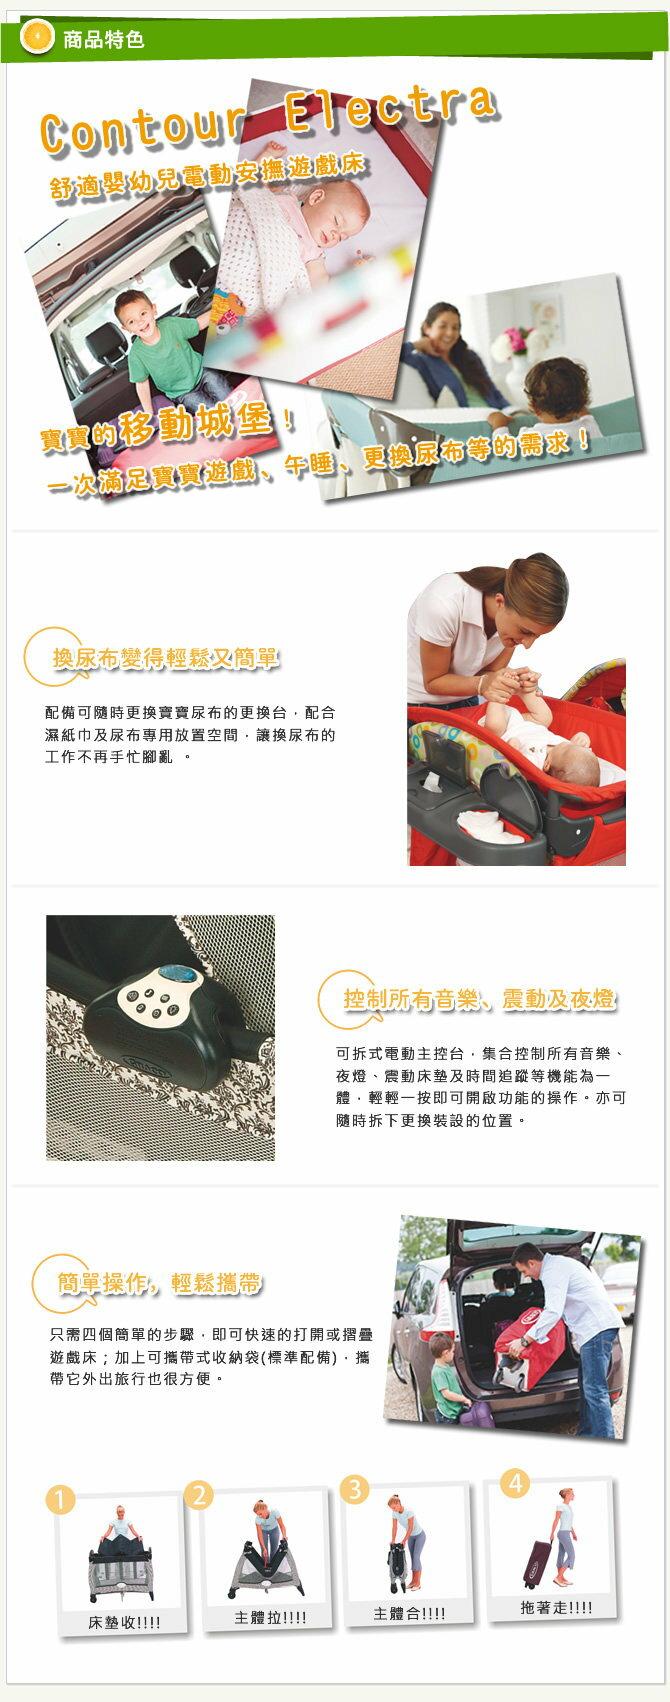 Graco -  Contour Electra 舒適嬰幼兒電動安撫遊戲床 1